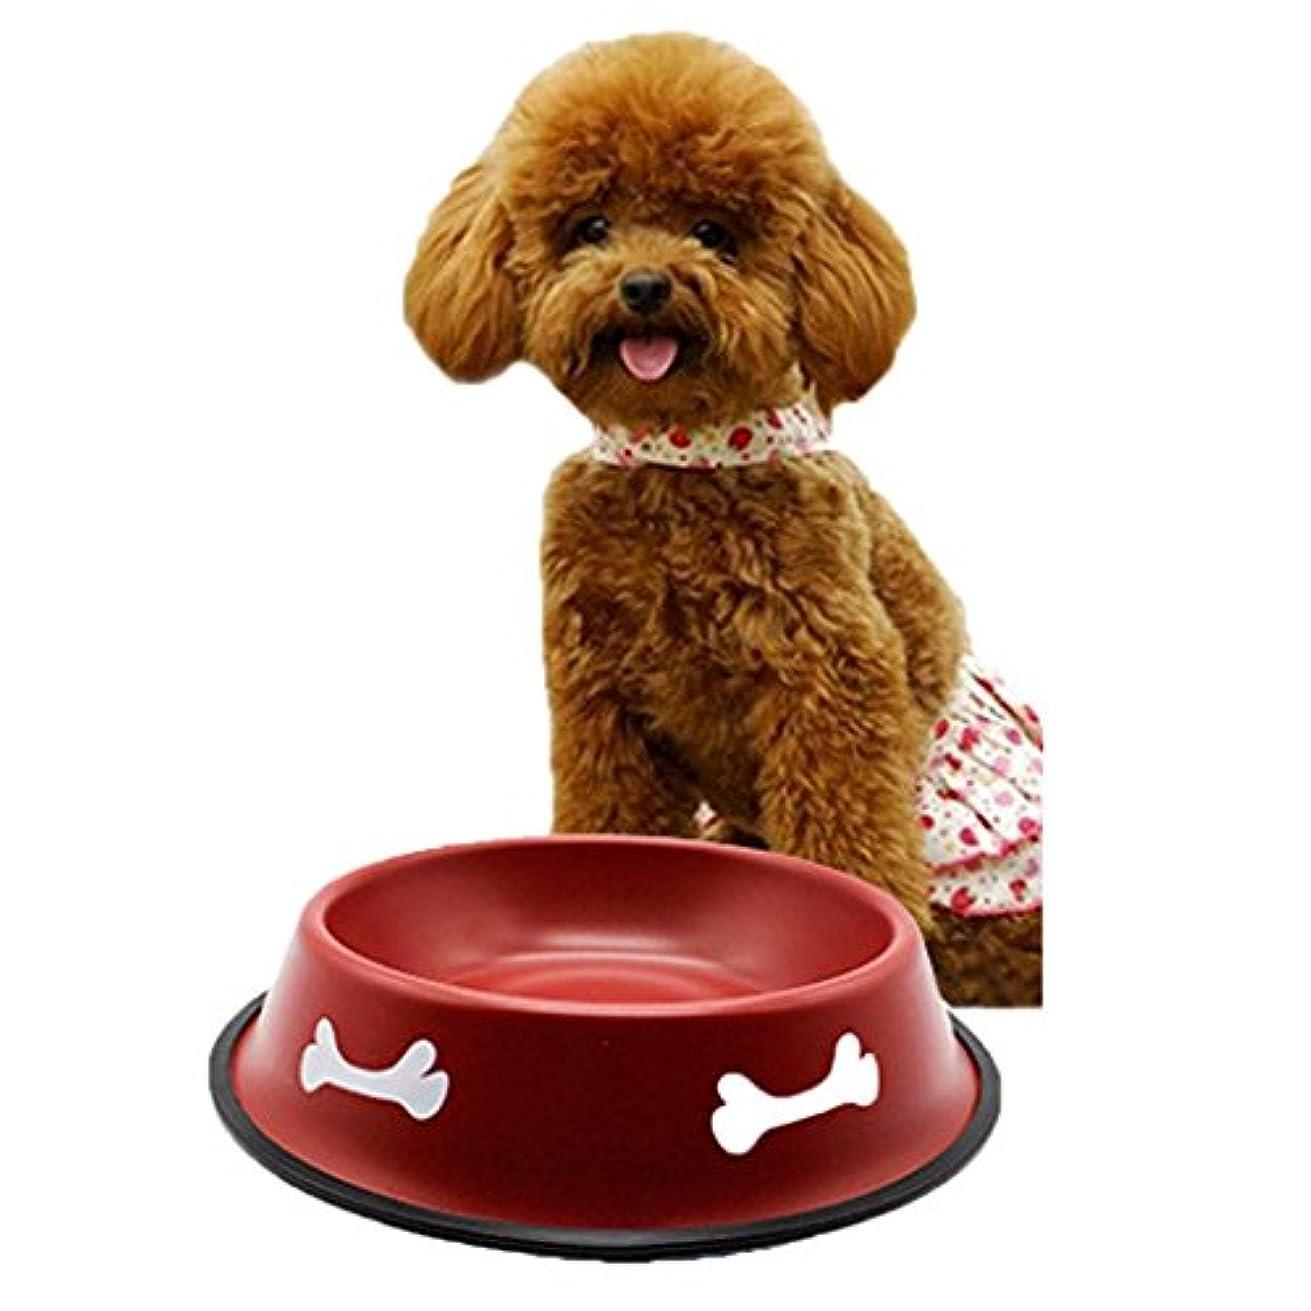 (ノタラス) Notalas 猫 犬 お皿 ステンレス製 富士型 餌入れ えさ入れ ごはん皿 お水入れ 食べやすい 転倒防止 清潔に保て 5サイズ選択可能 滑り止め ランダムな色